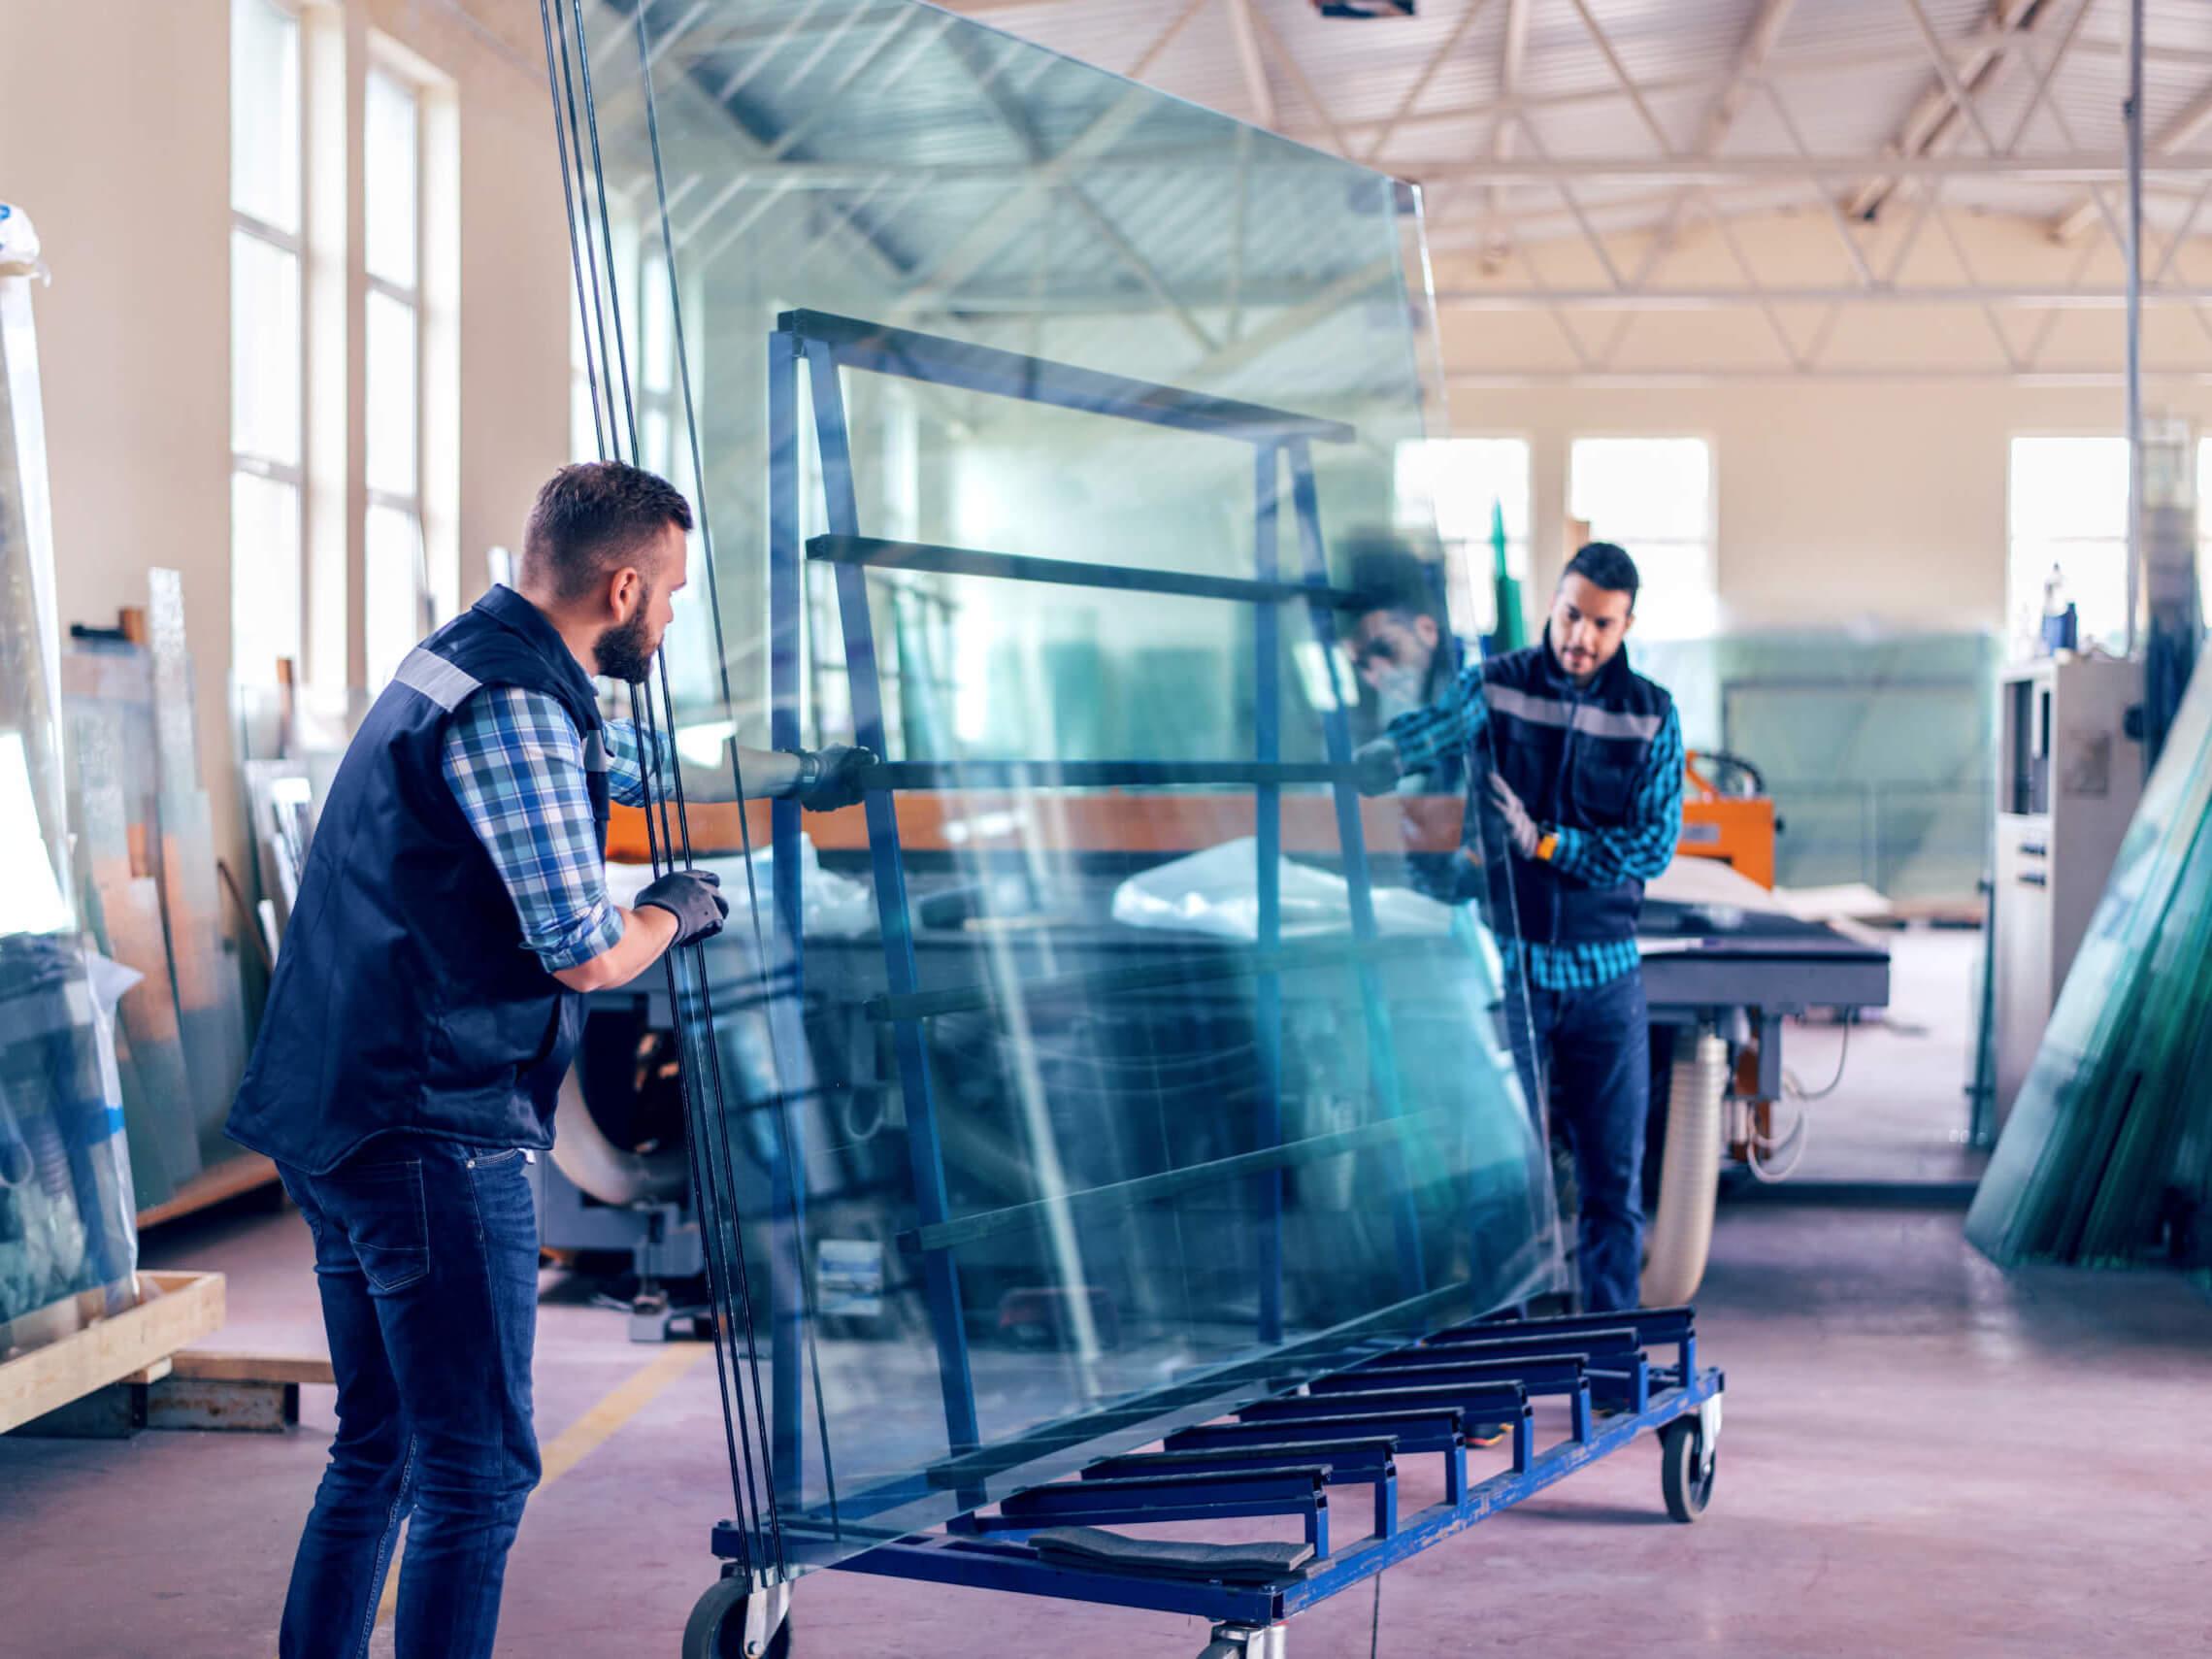 wand-glas-wird-im-lager-von-zwei-mitarbeitern-transportiert